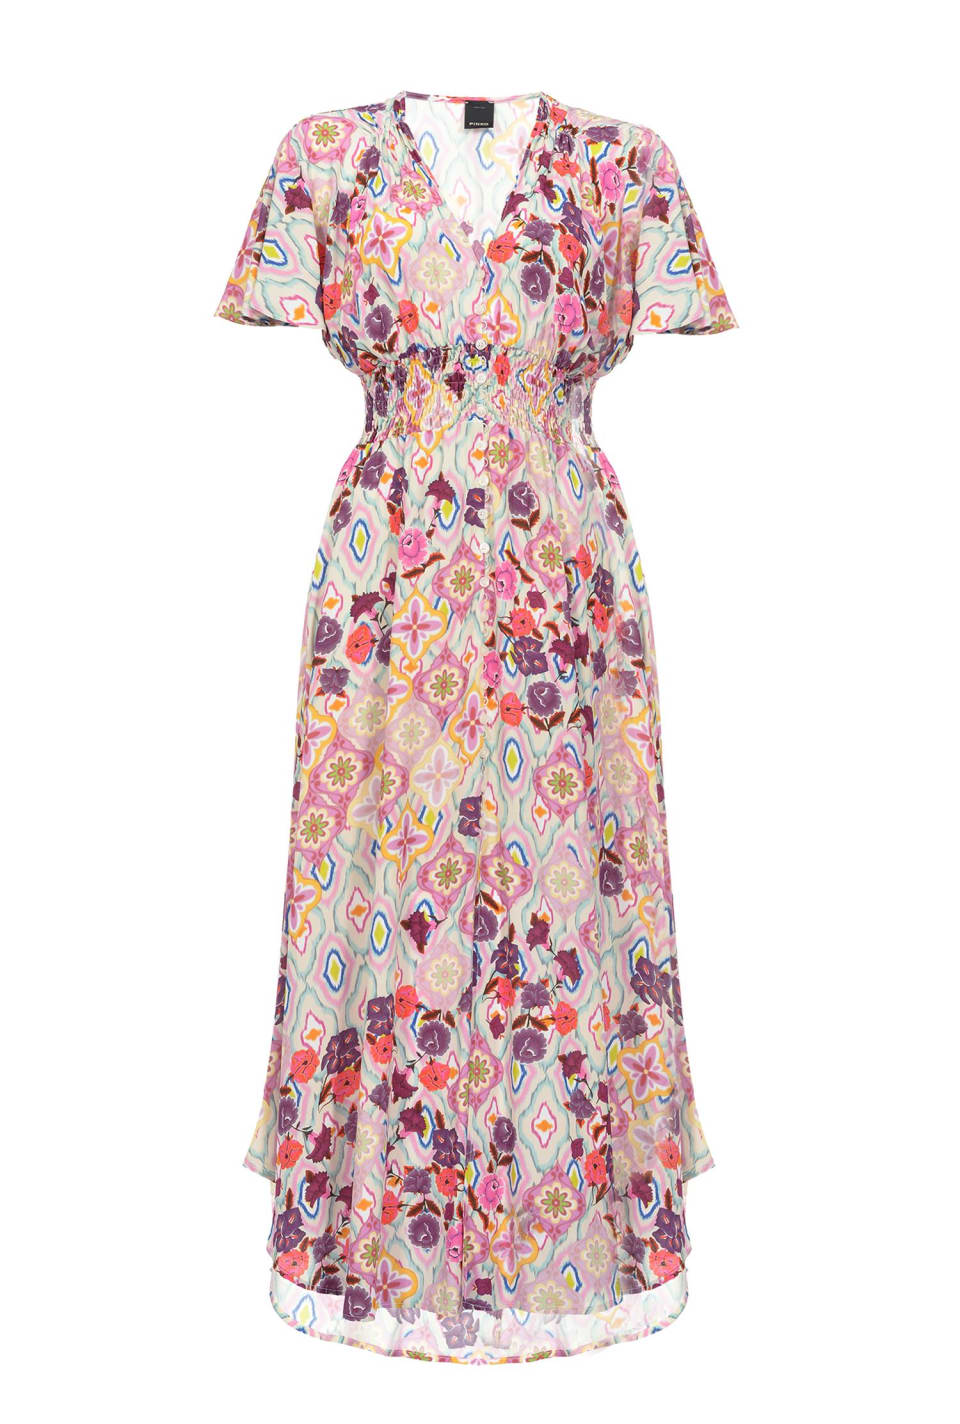 絣织花朵印花连衣裙